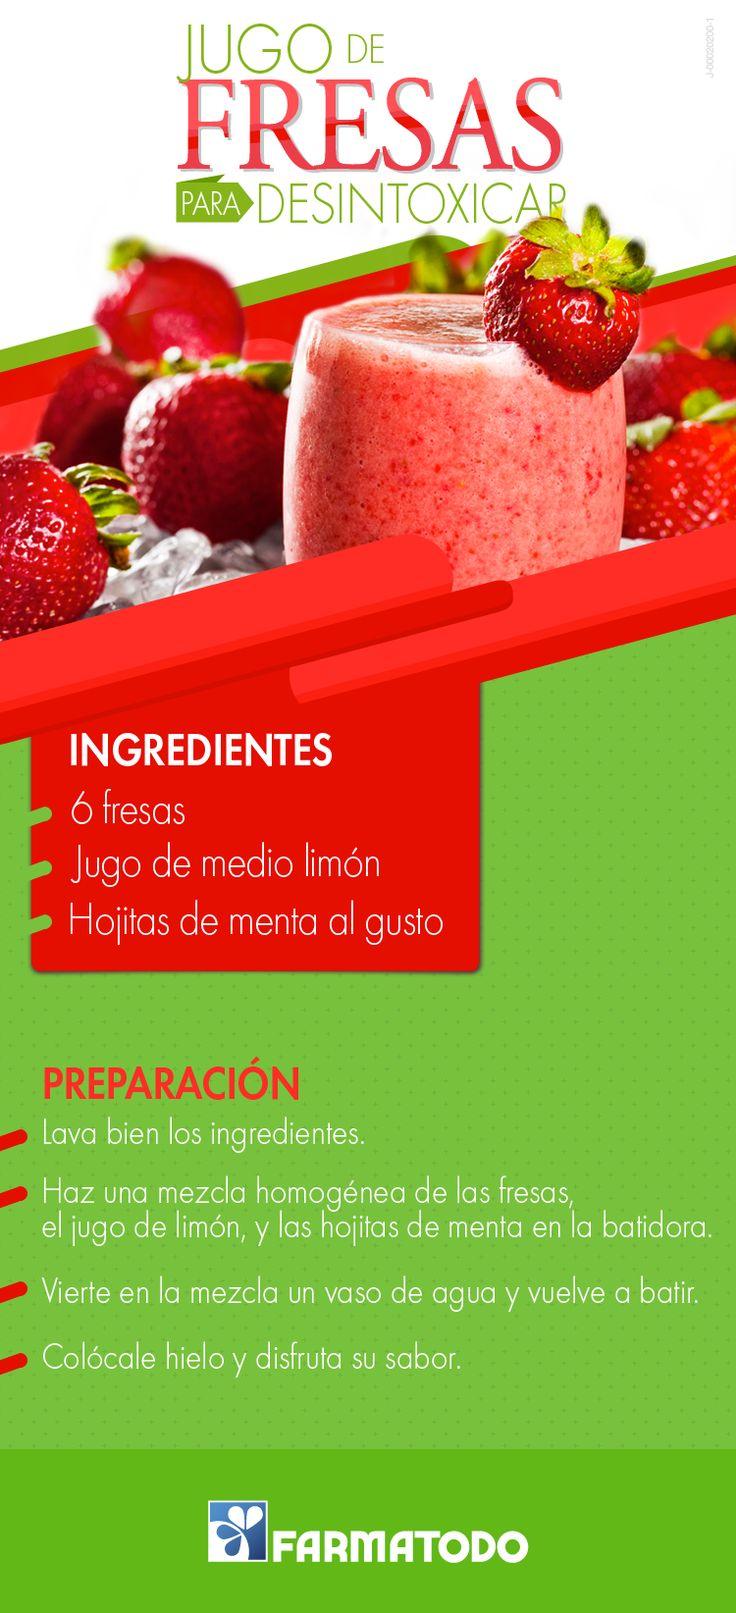 Jugo de fresas para desintoxicar infograf as y remedios - Como hacer zumo de fresa ...